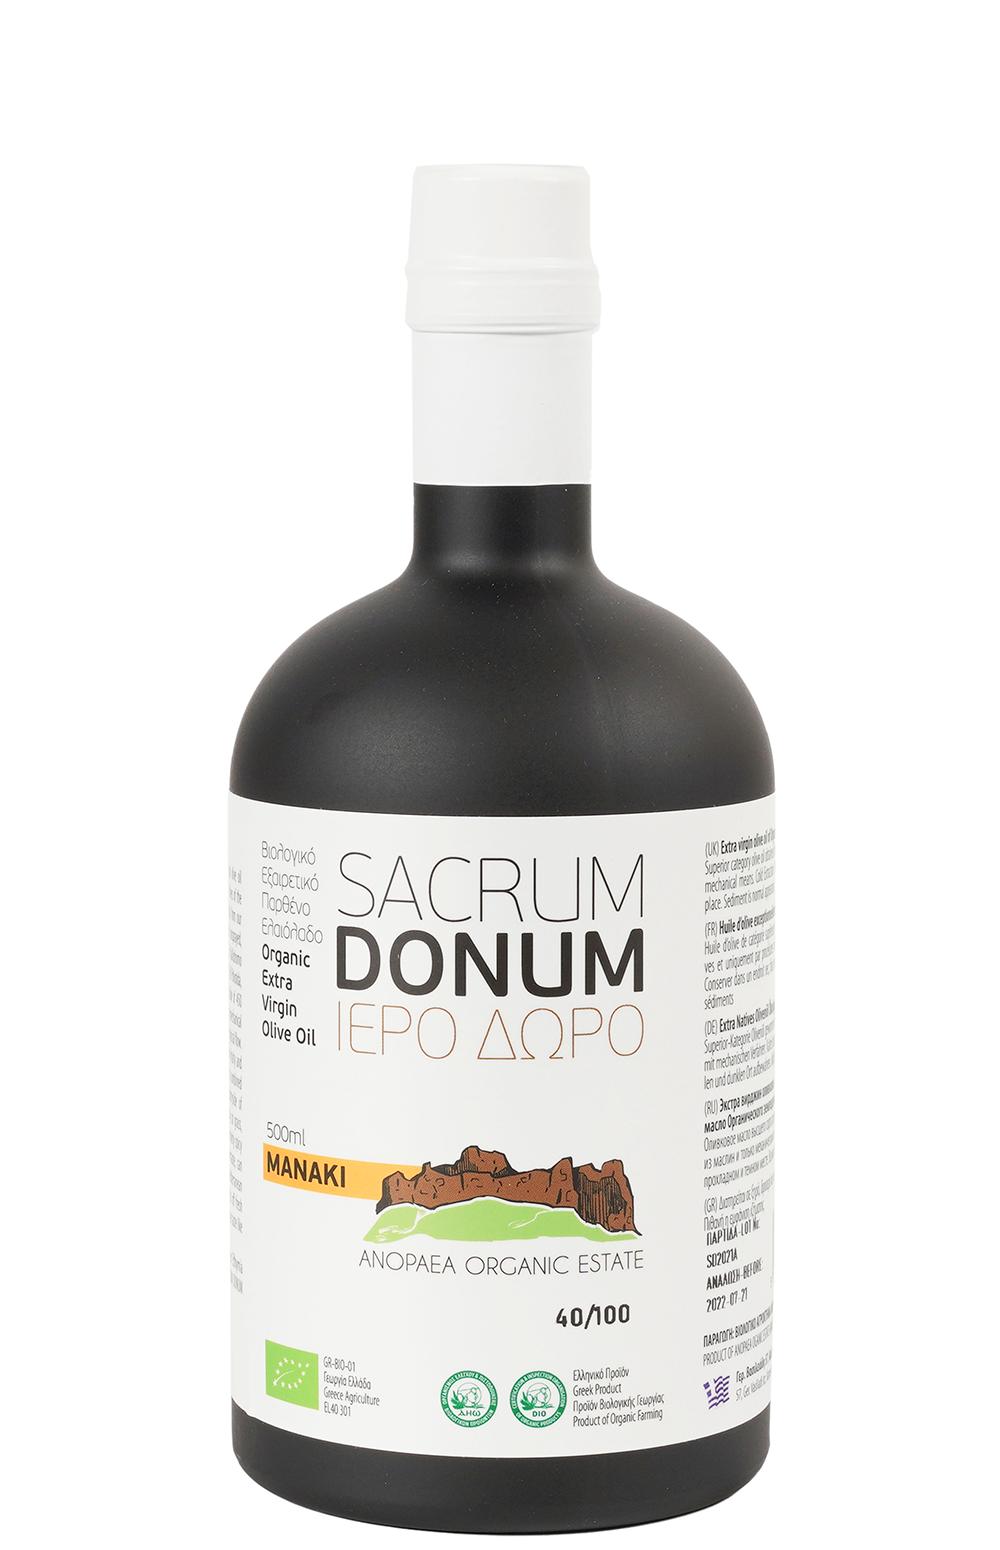 Sacrum Donum